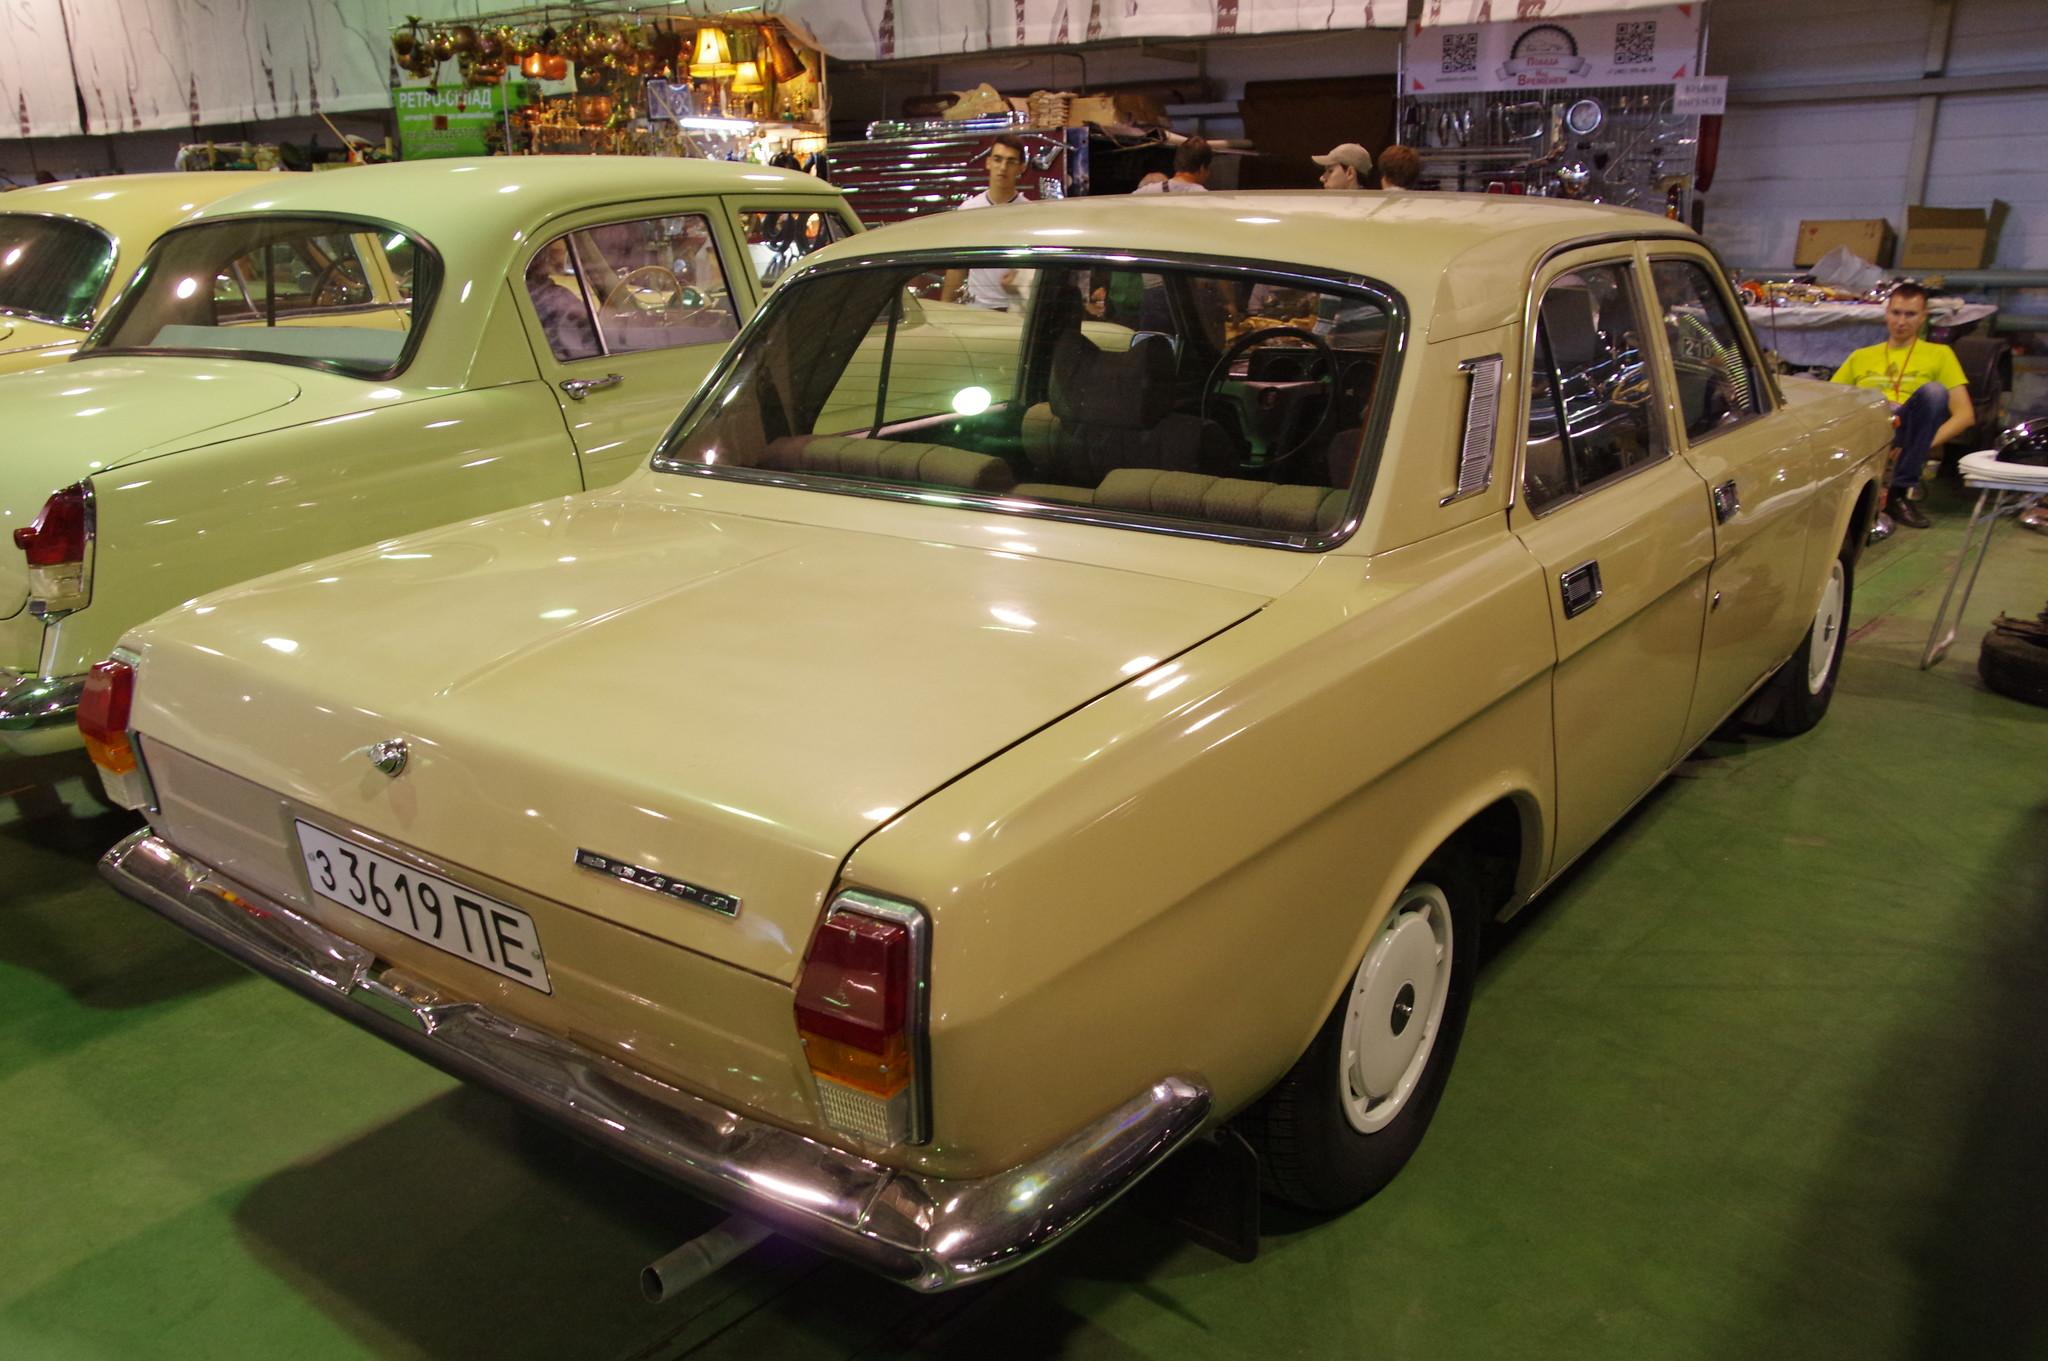 Автомобиль ГАЗ-24-10 «Волга» 1989 года выпуска